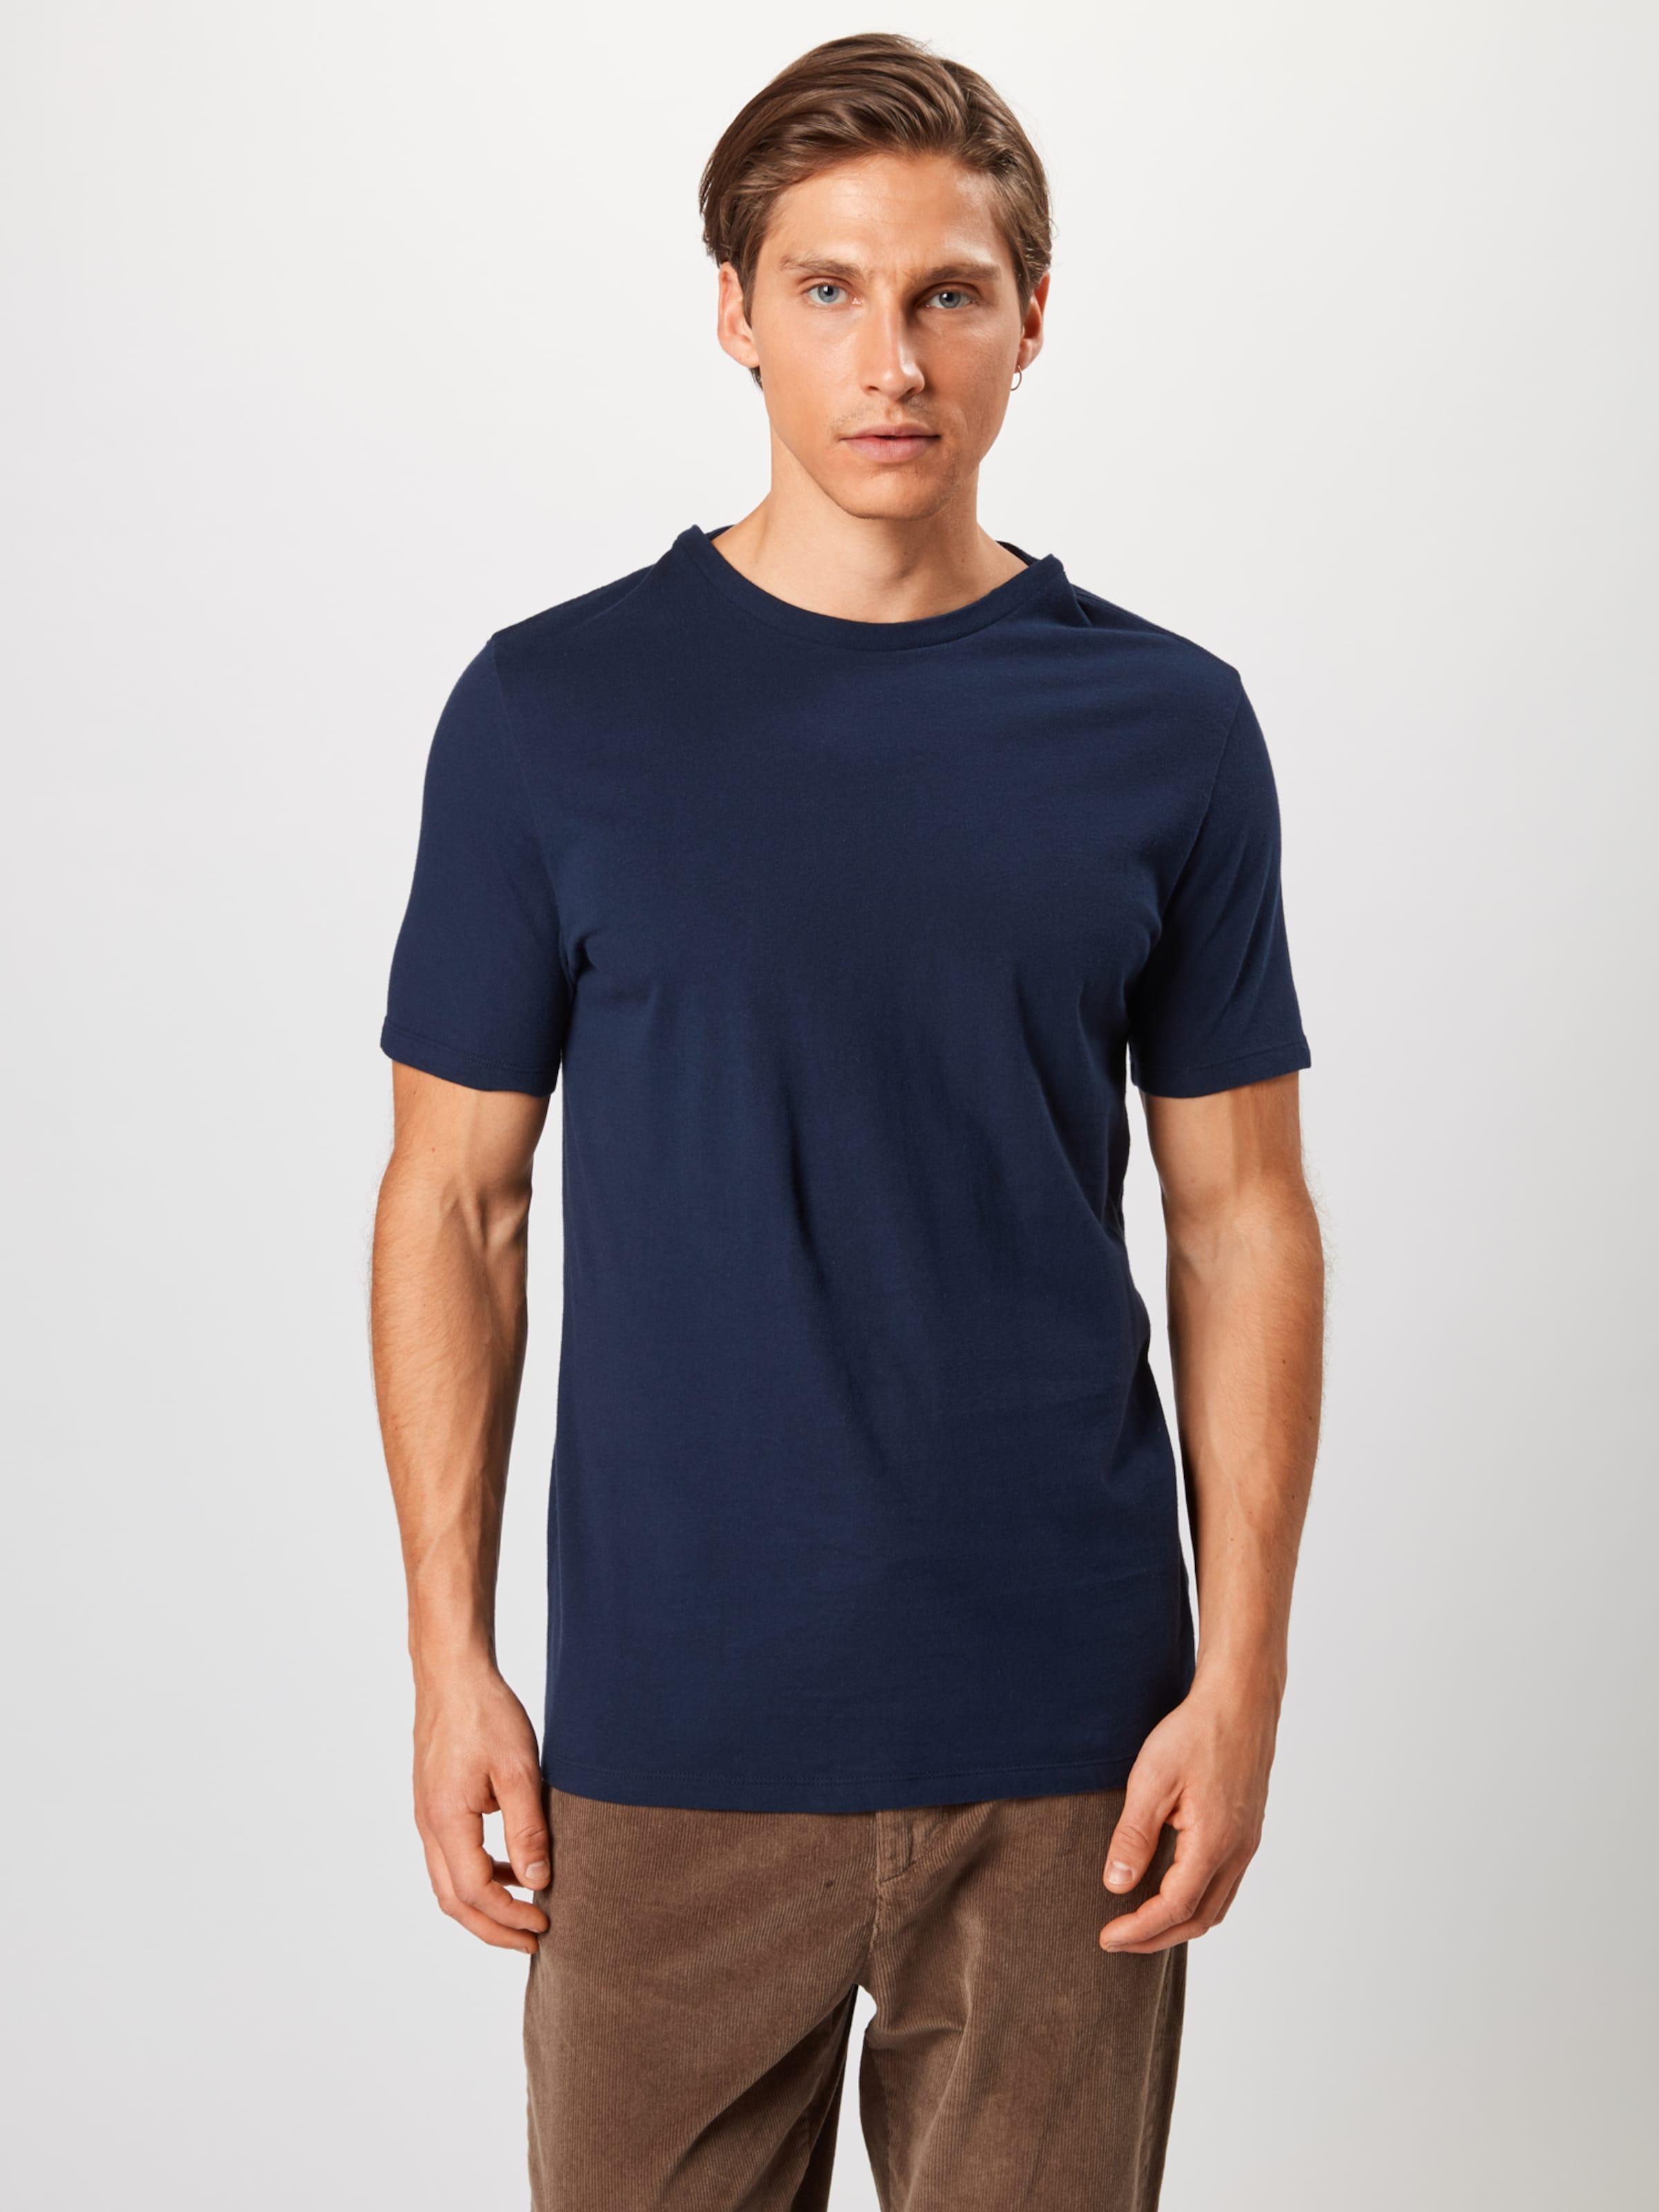 T' Bleu T shirt Marine Gap 'classic En qSVpUzGM